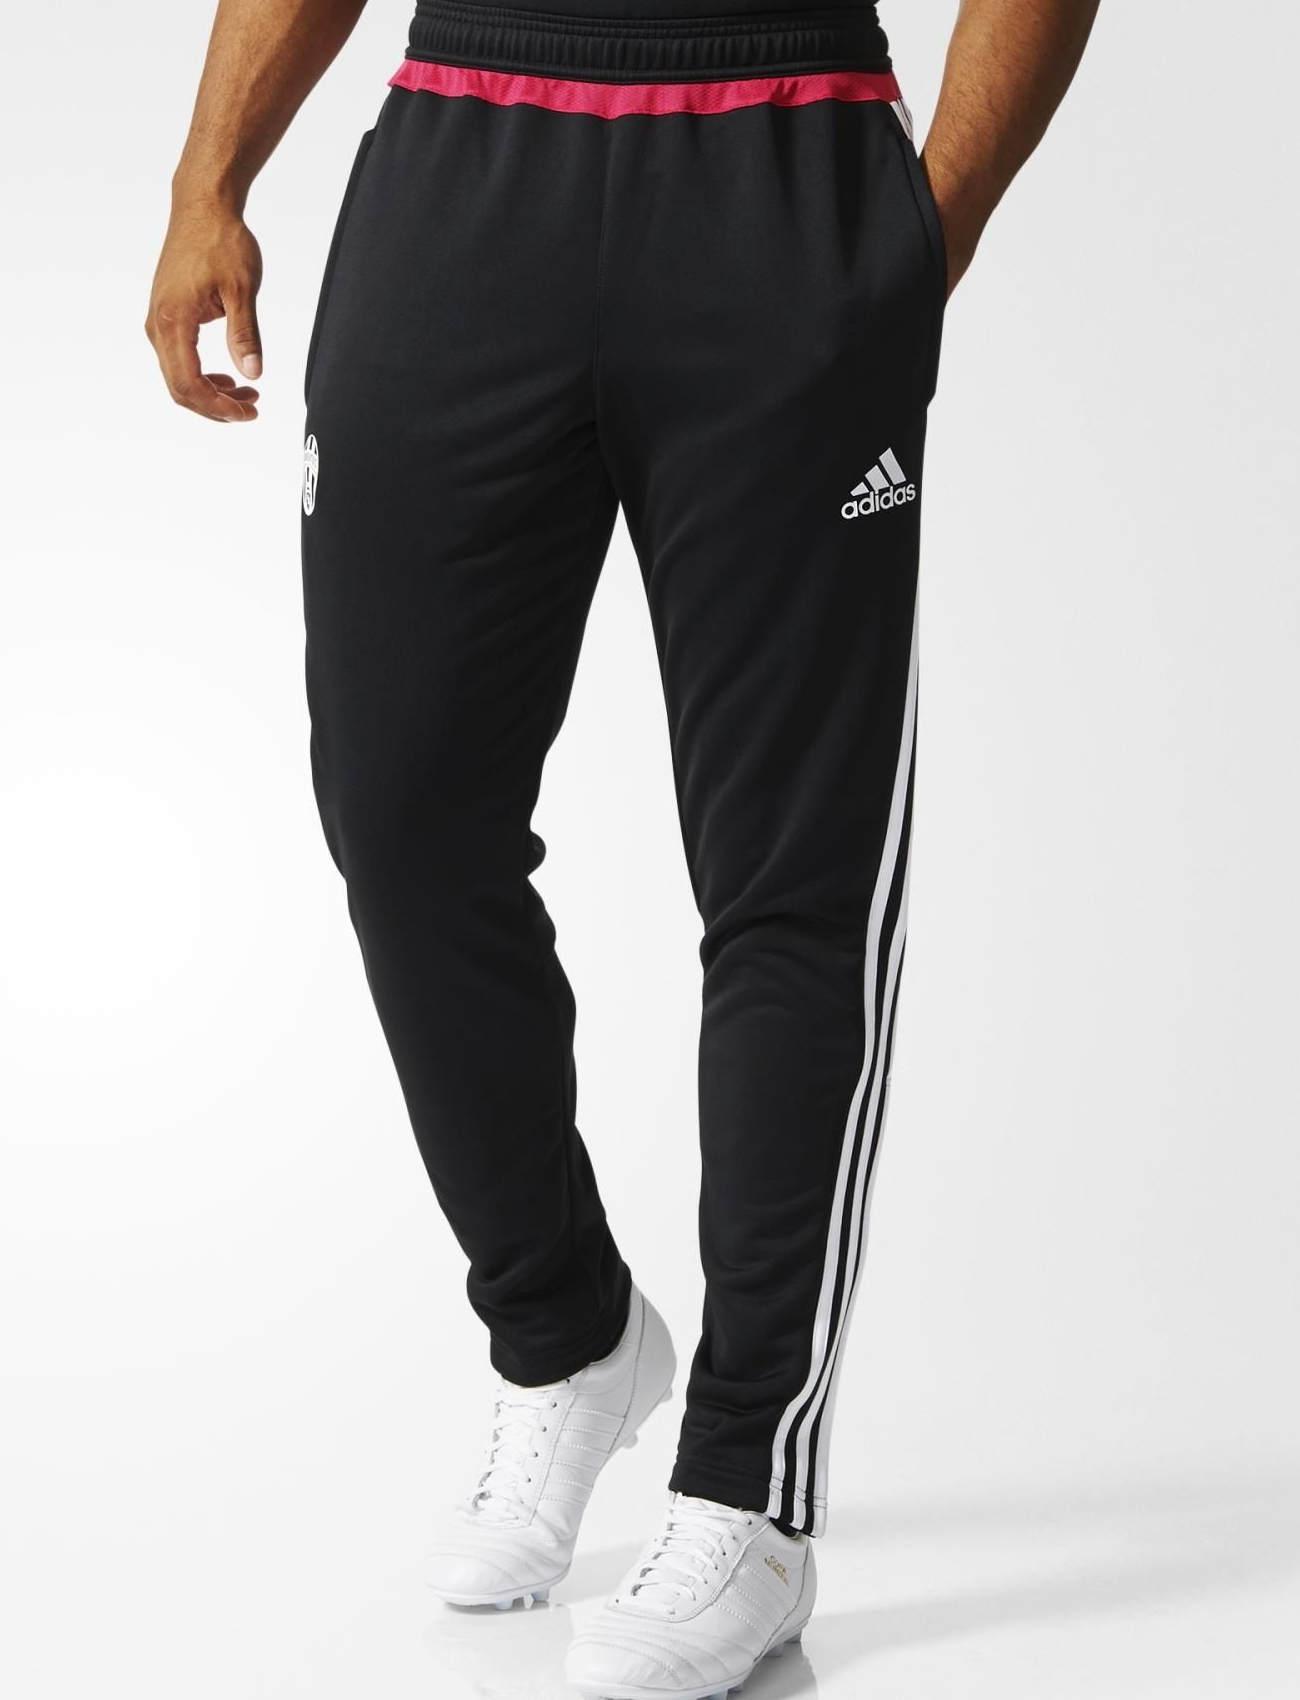 8d42be14434cd pantaloni adidas tuta online   Promozioni fino al 32% Scontate